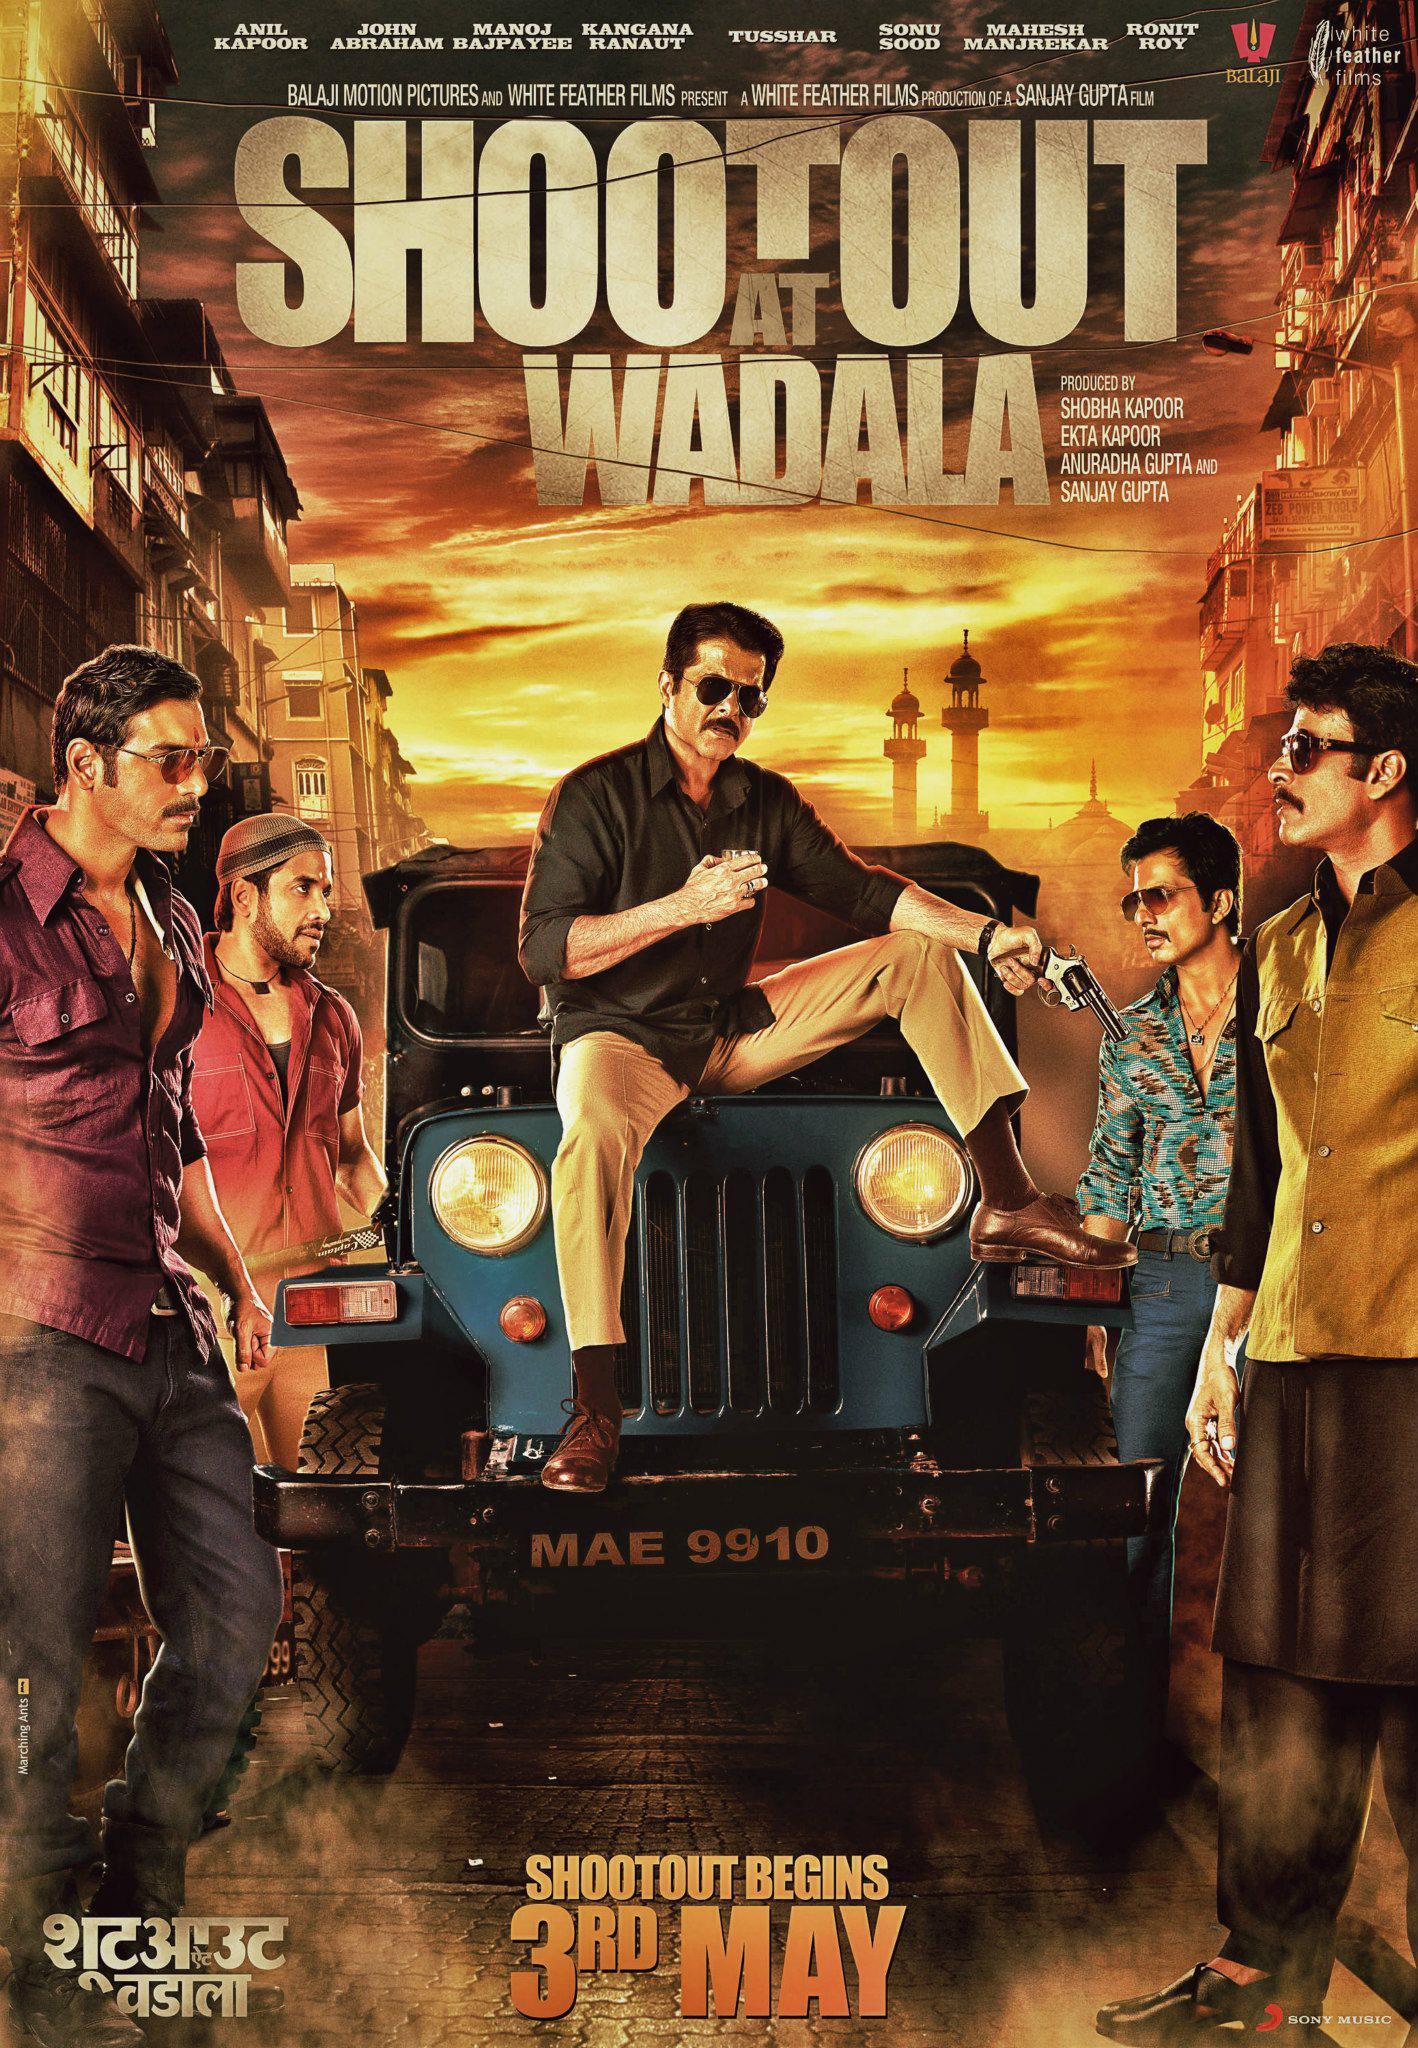 Shootout At Wadala - Movie Poster #1 (Original)